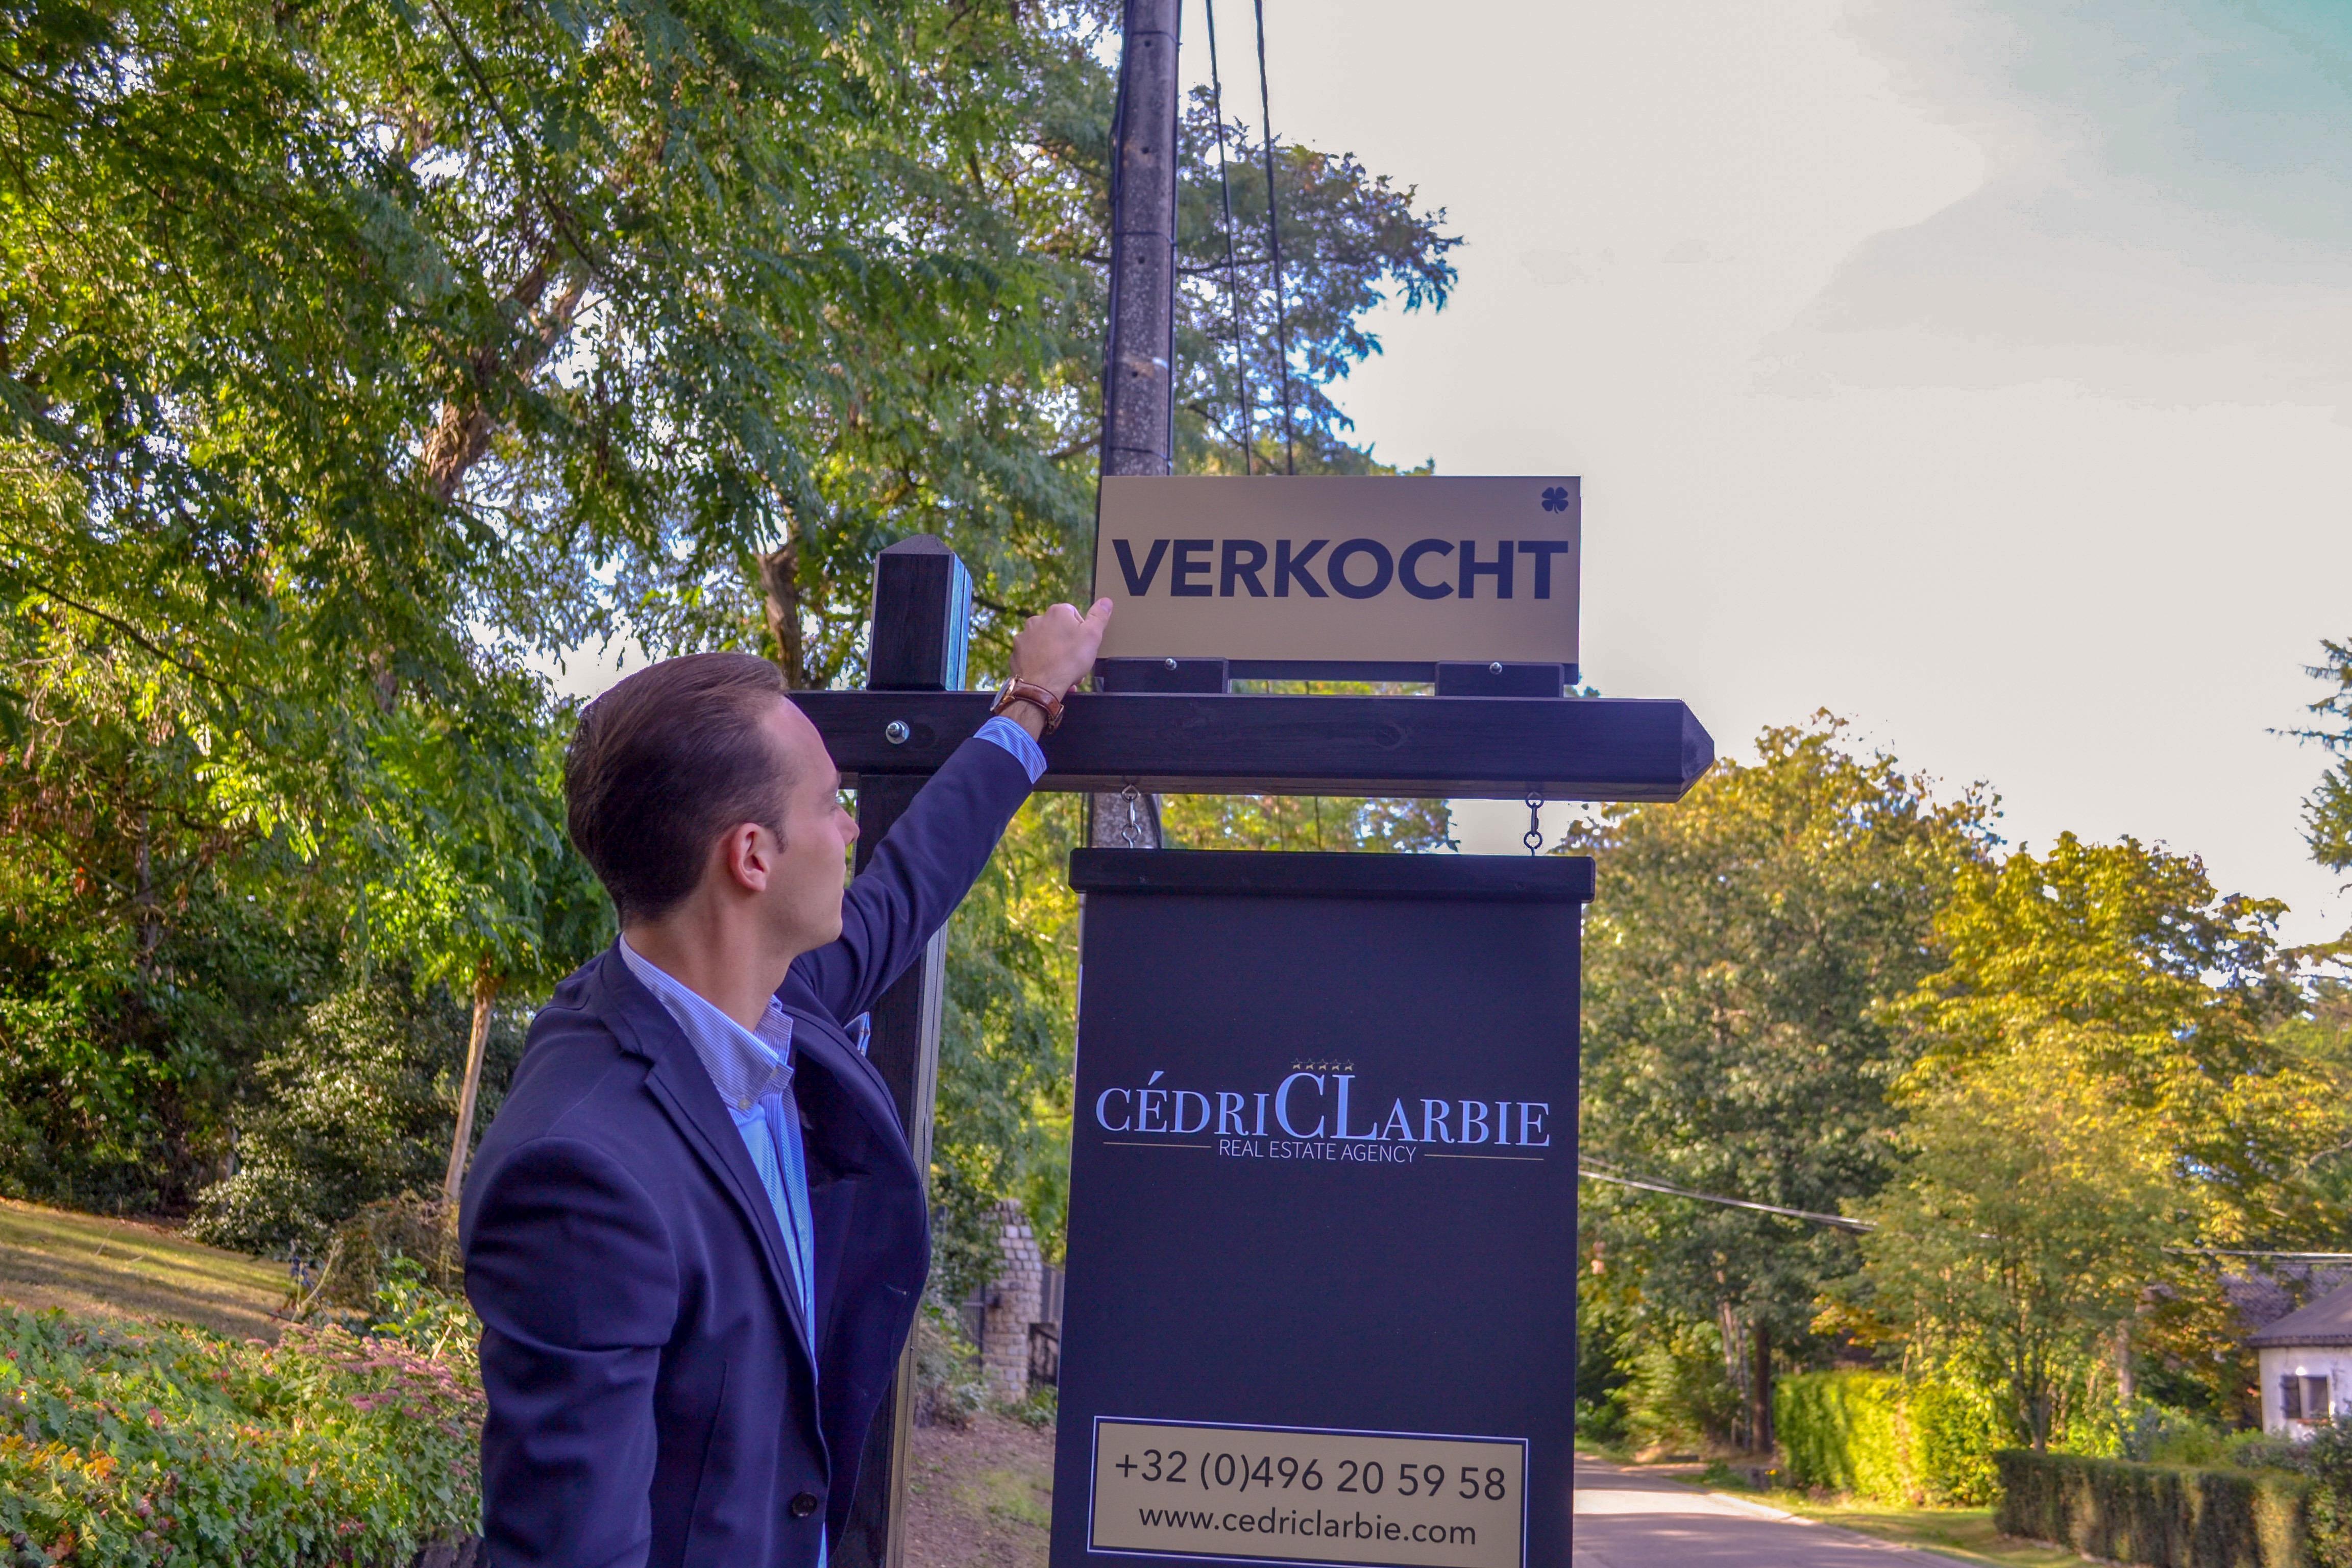 Cédric-Larbie-vastgoedmakelaar-woning-verkopen-Limburg-Antwerpen-Vlaams-Brabant-Oost-Vlaanderen-West-Vlaanderen-Brussel-België